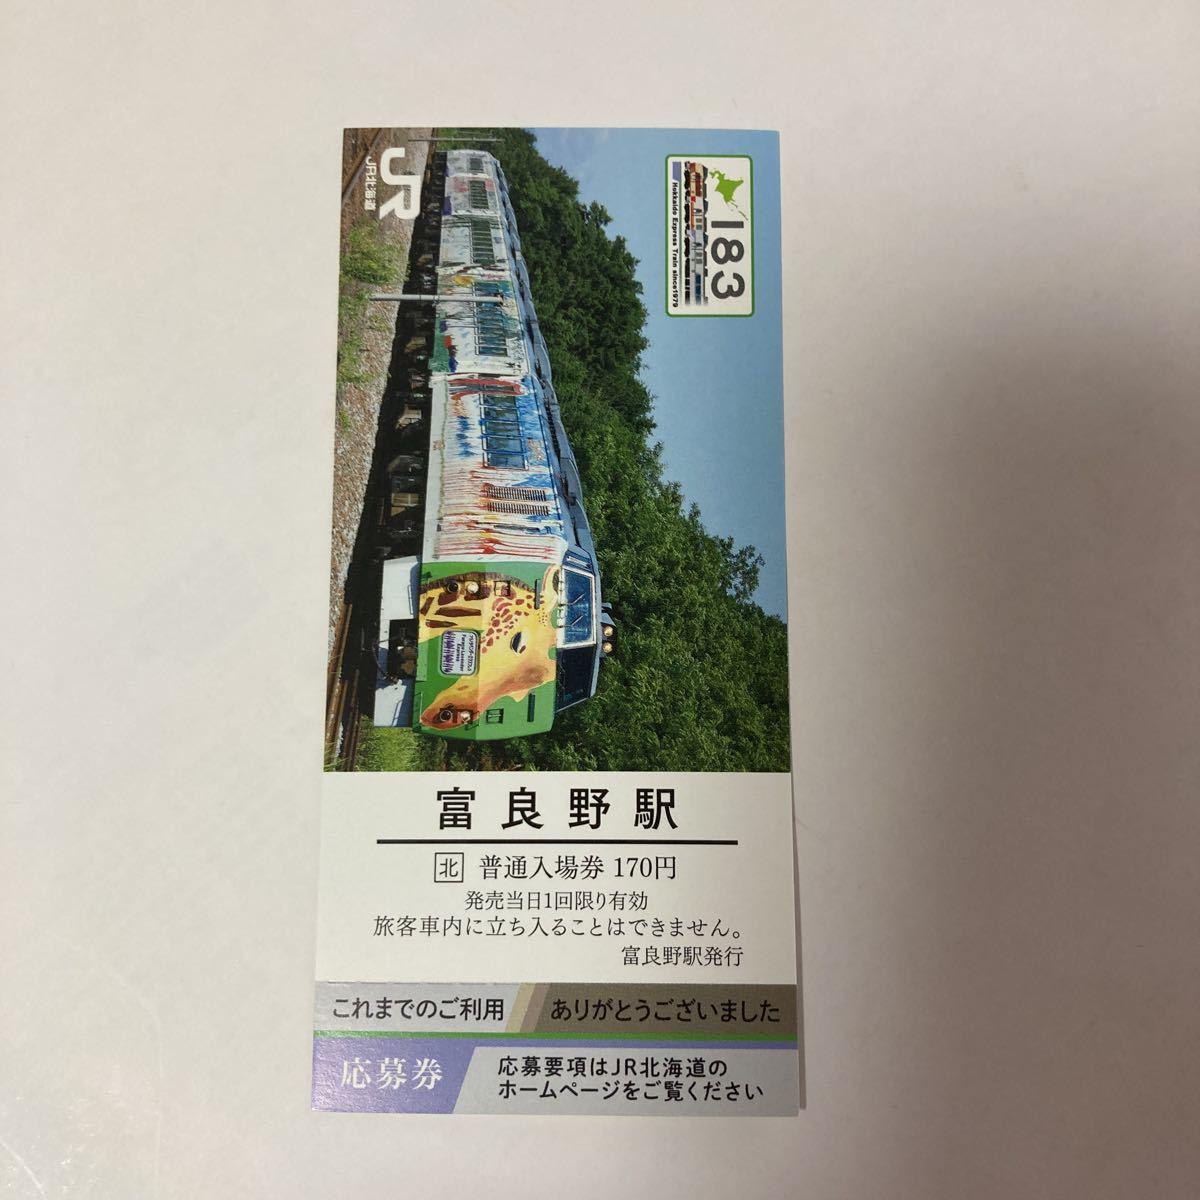 キハ183系 記念入場券 【 富良野駅 】 応募券付 JR 北海道 ふらの_画像1